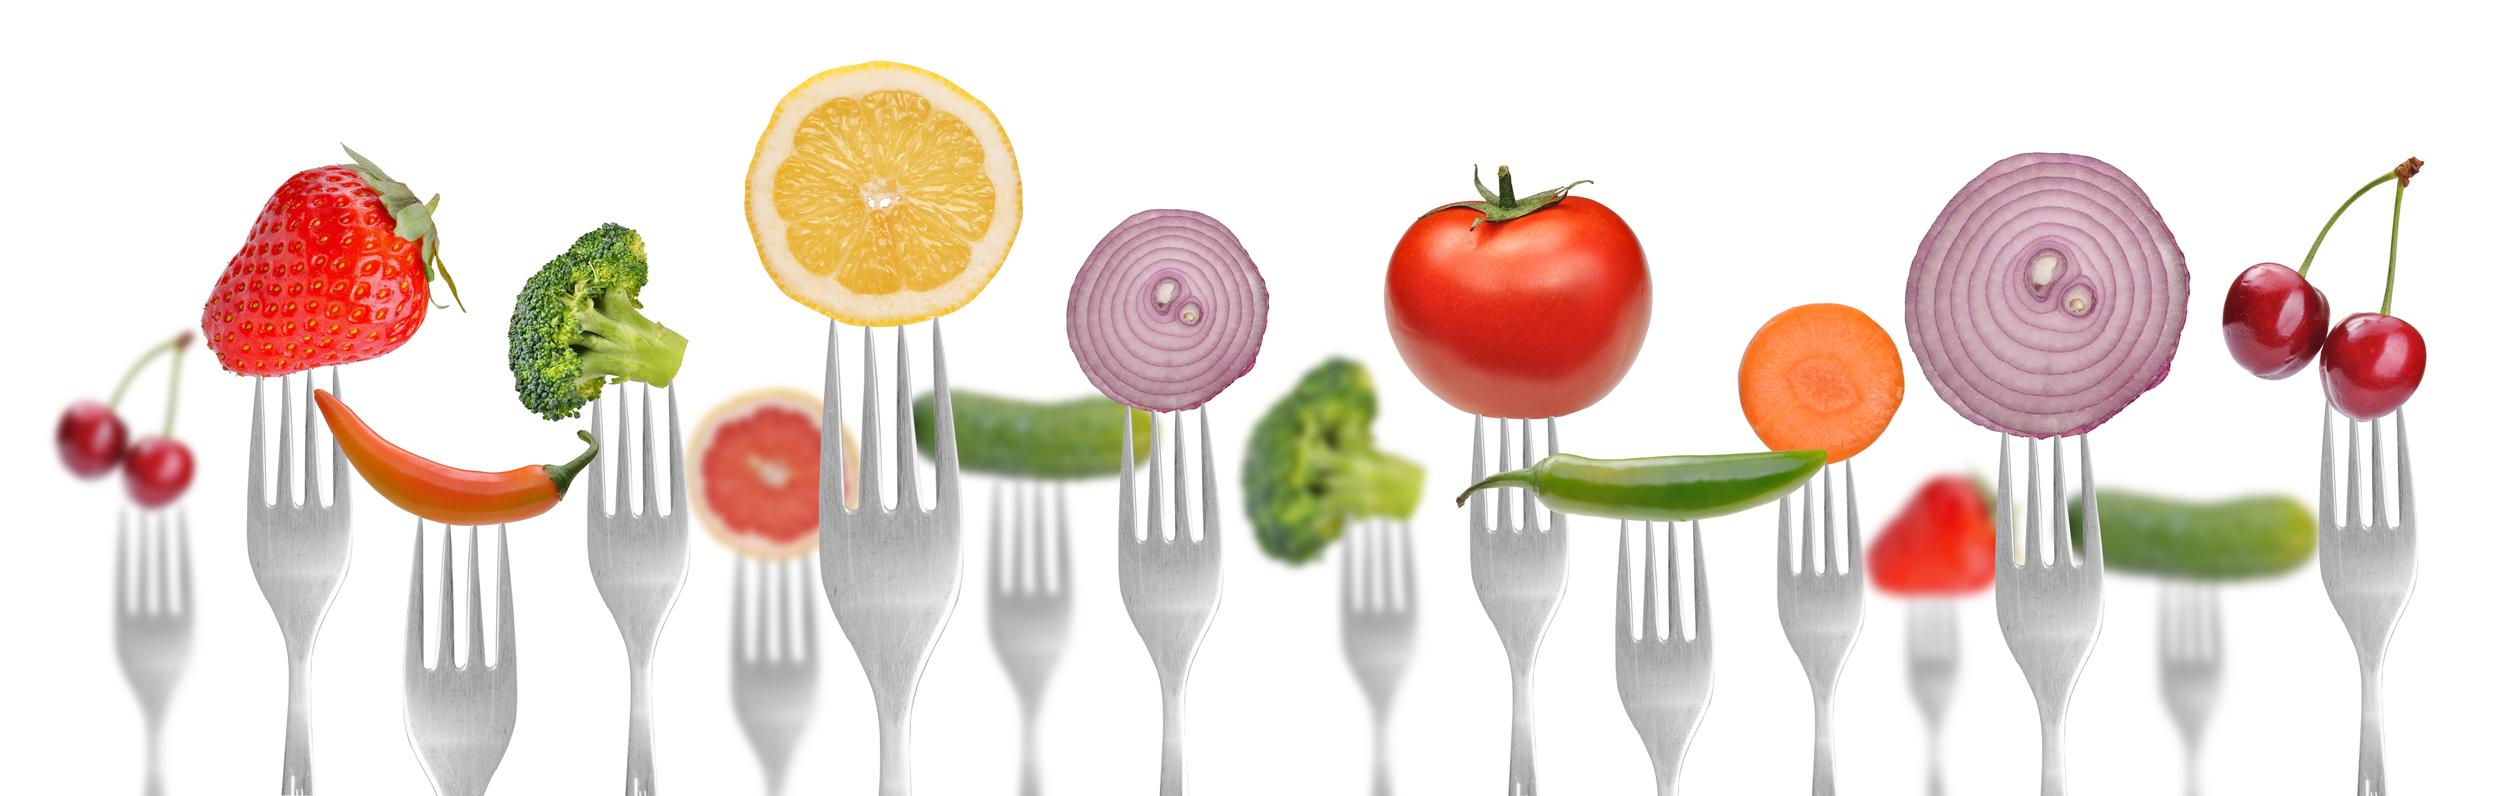 Good Food Digital